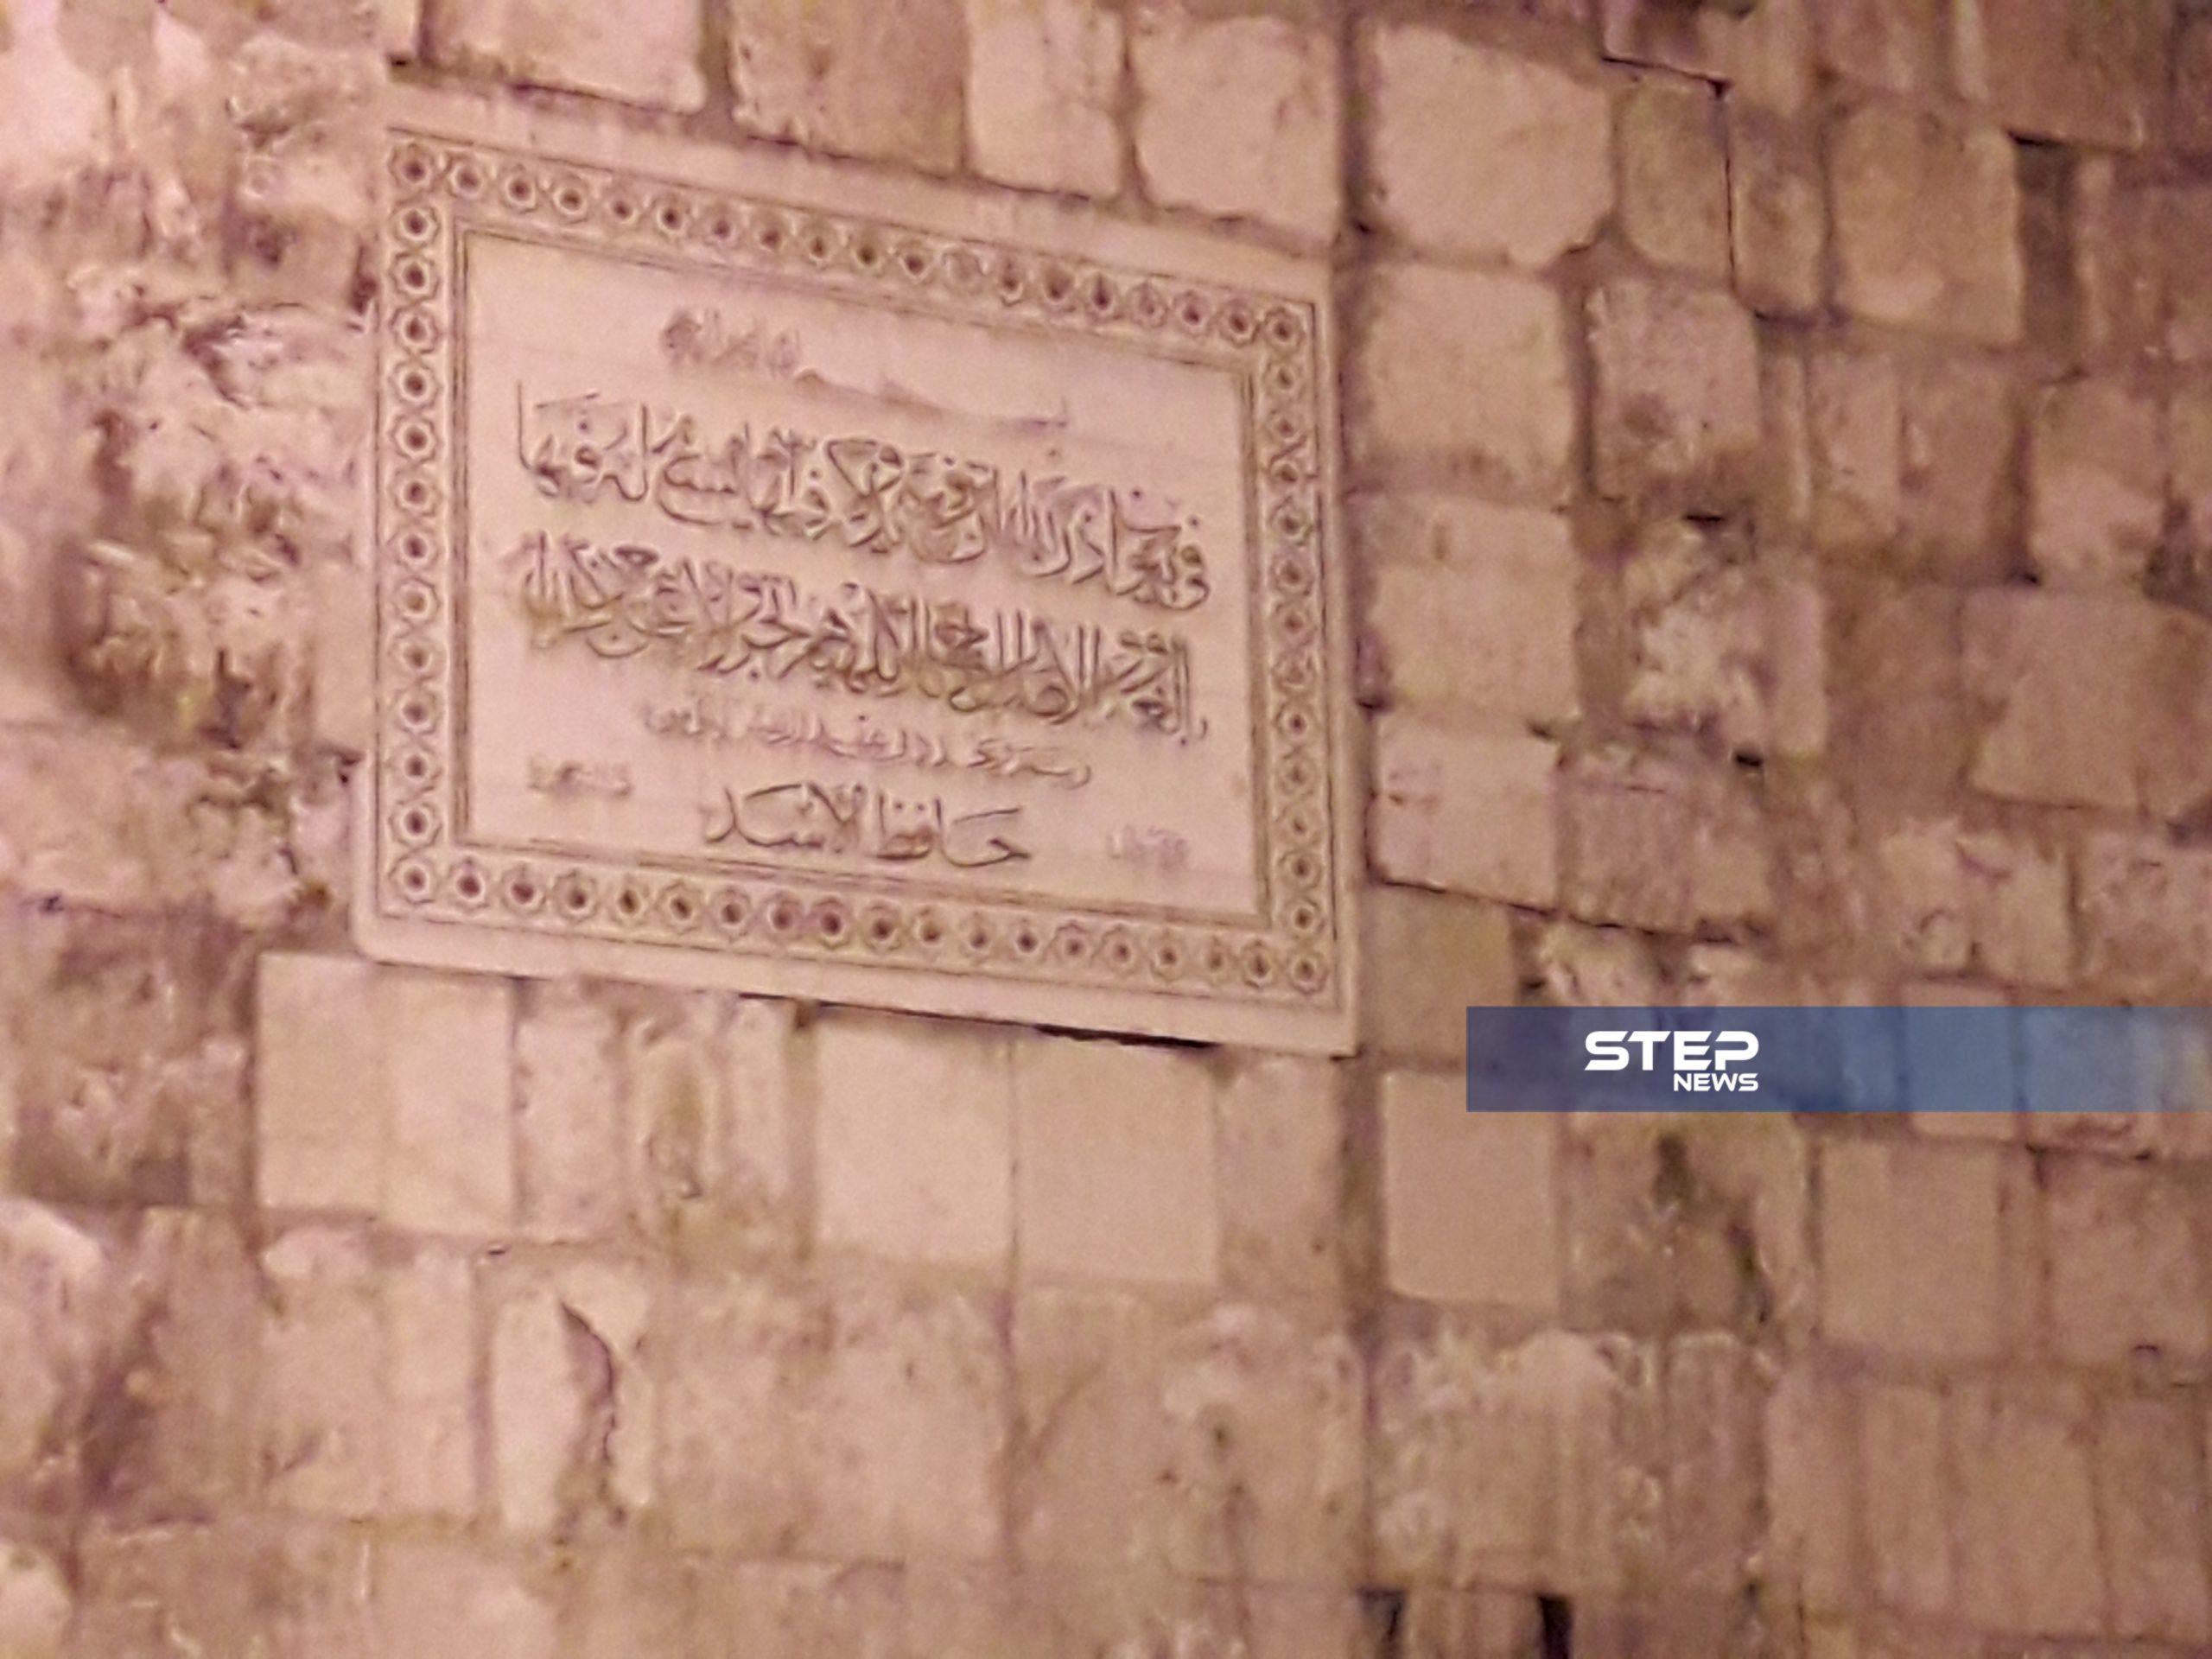 كاميرا ستيب داخل الجامع الأموي في دمشق.. وقرارات جديدة لزوّار المسجد